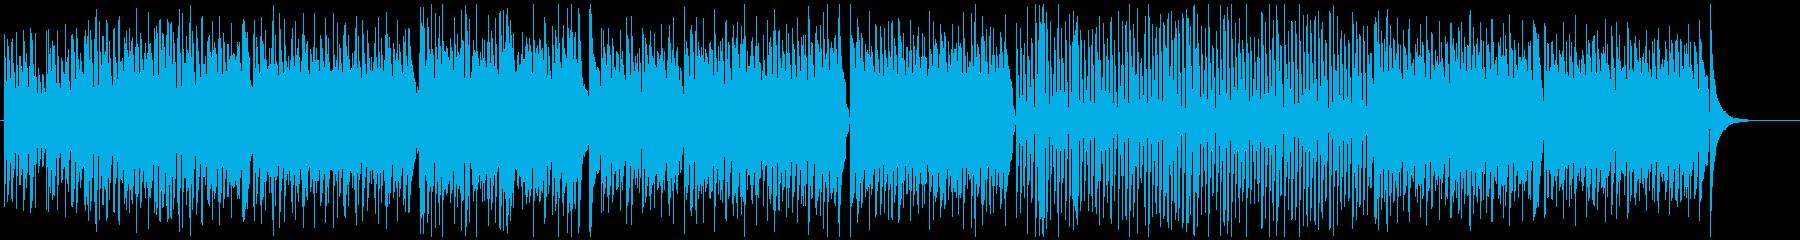 心躍る軽快のどかなフルートポップ♫の再生済みの波形